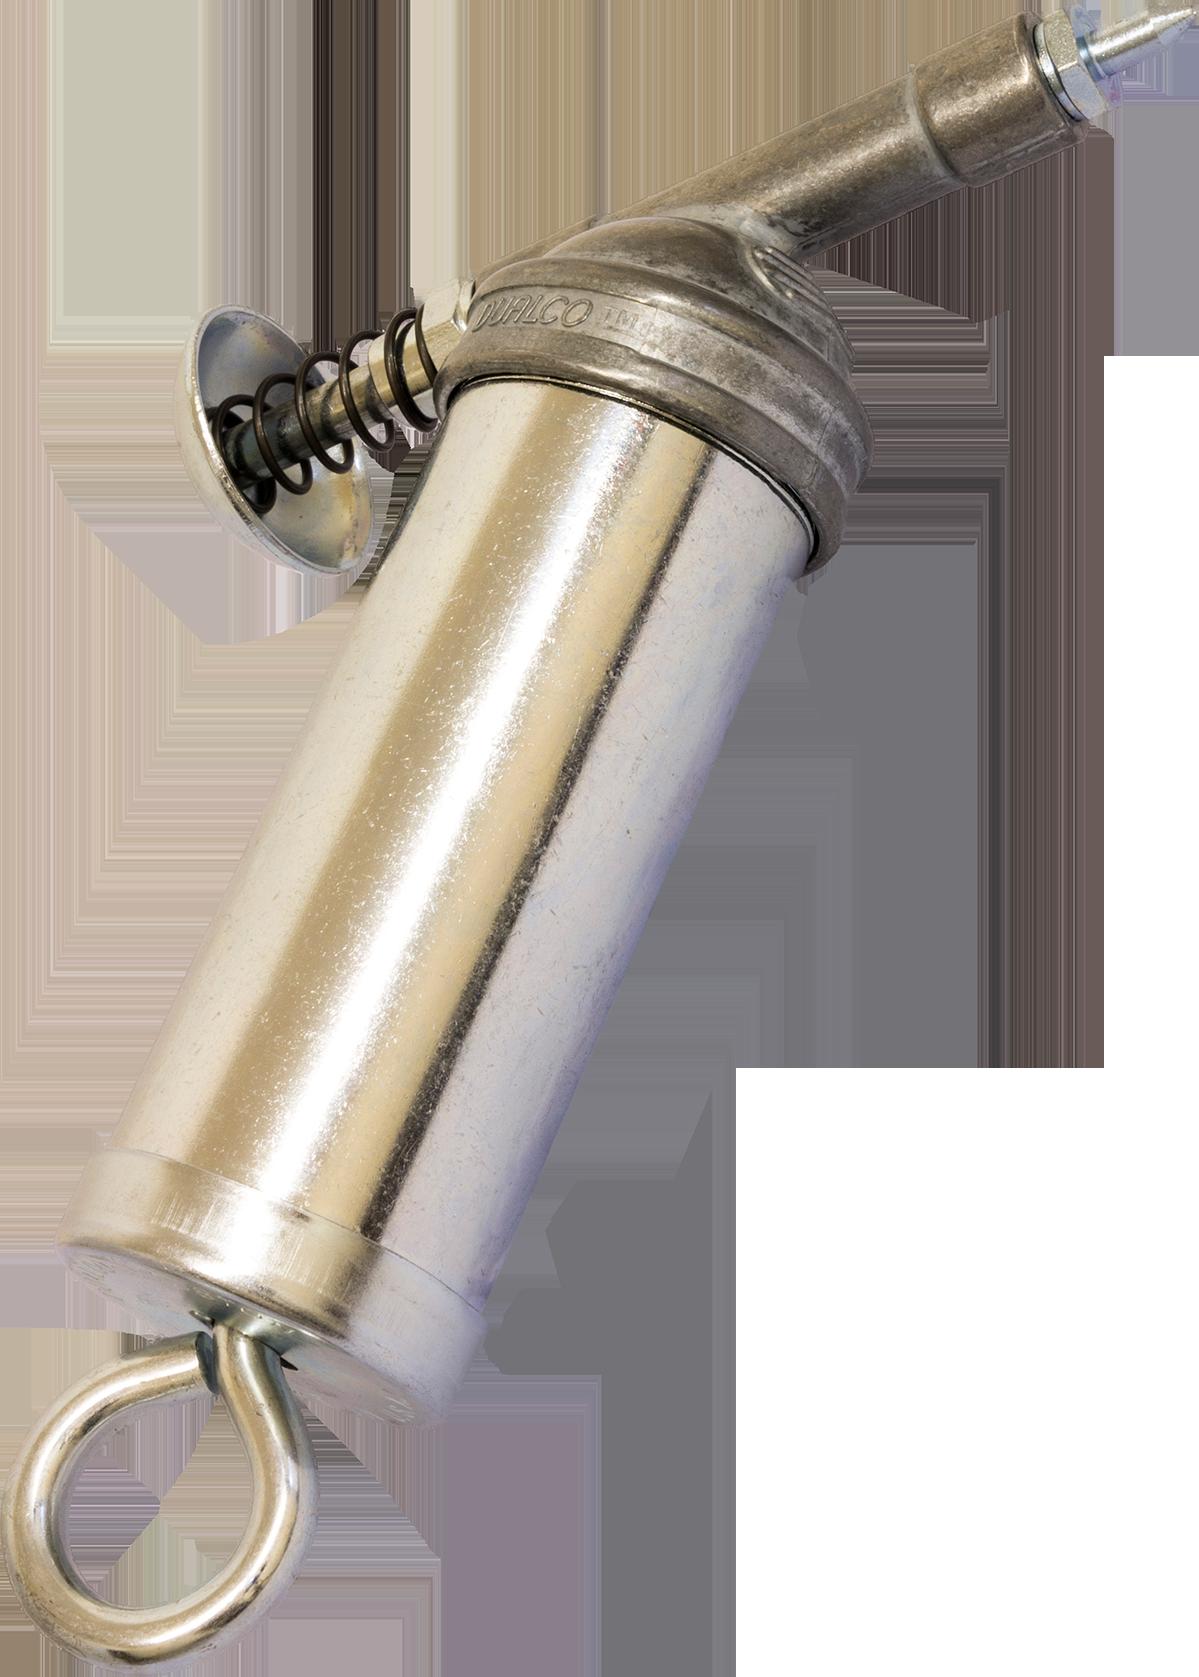 Grease Guns: Push Type Utility Grease Gun